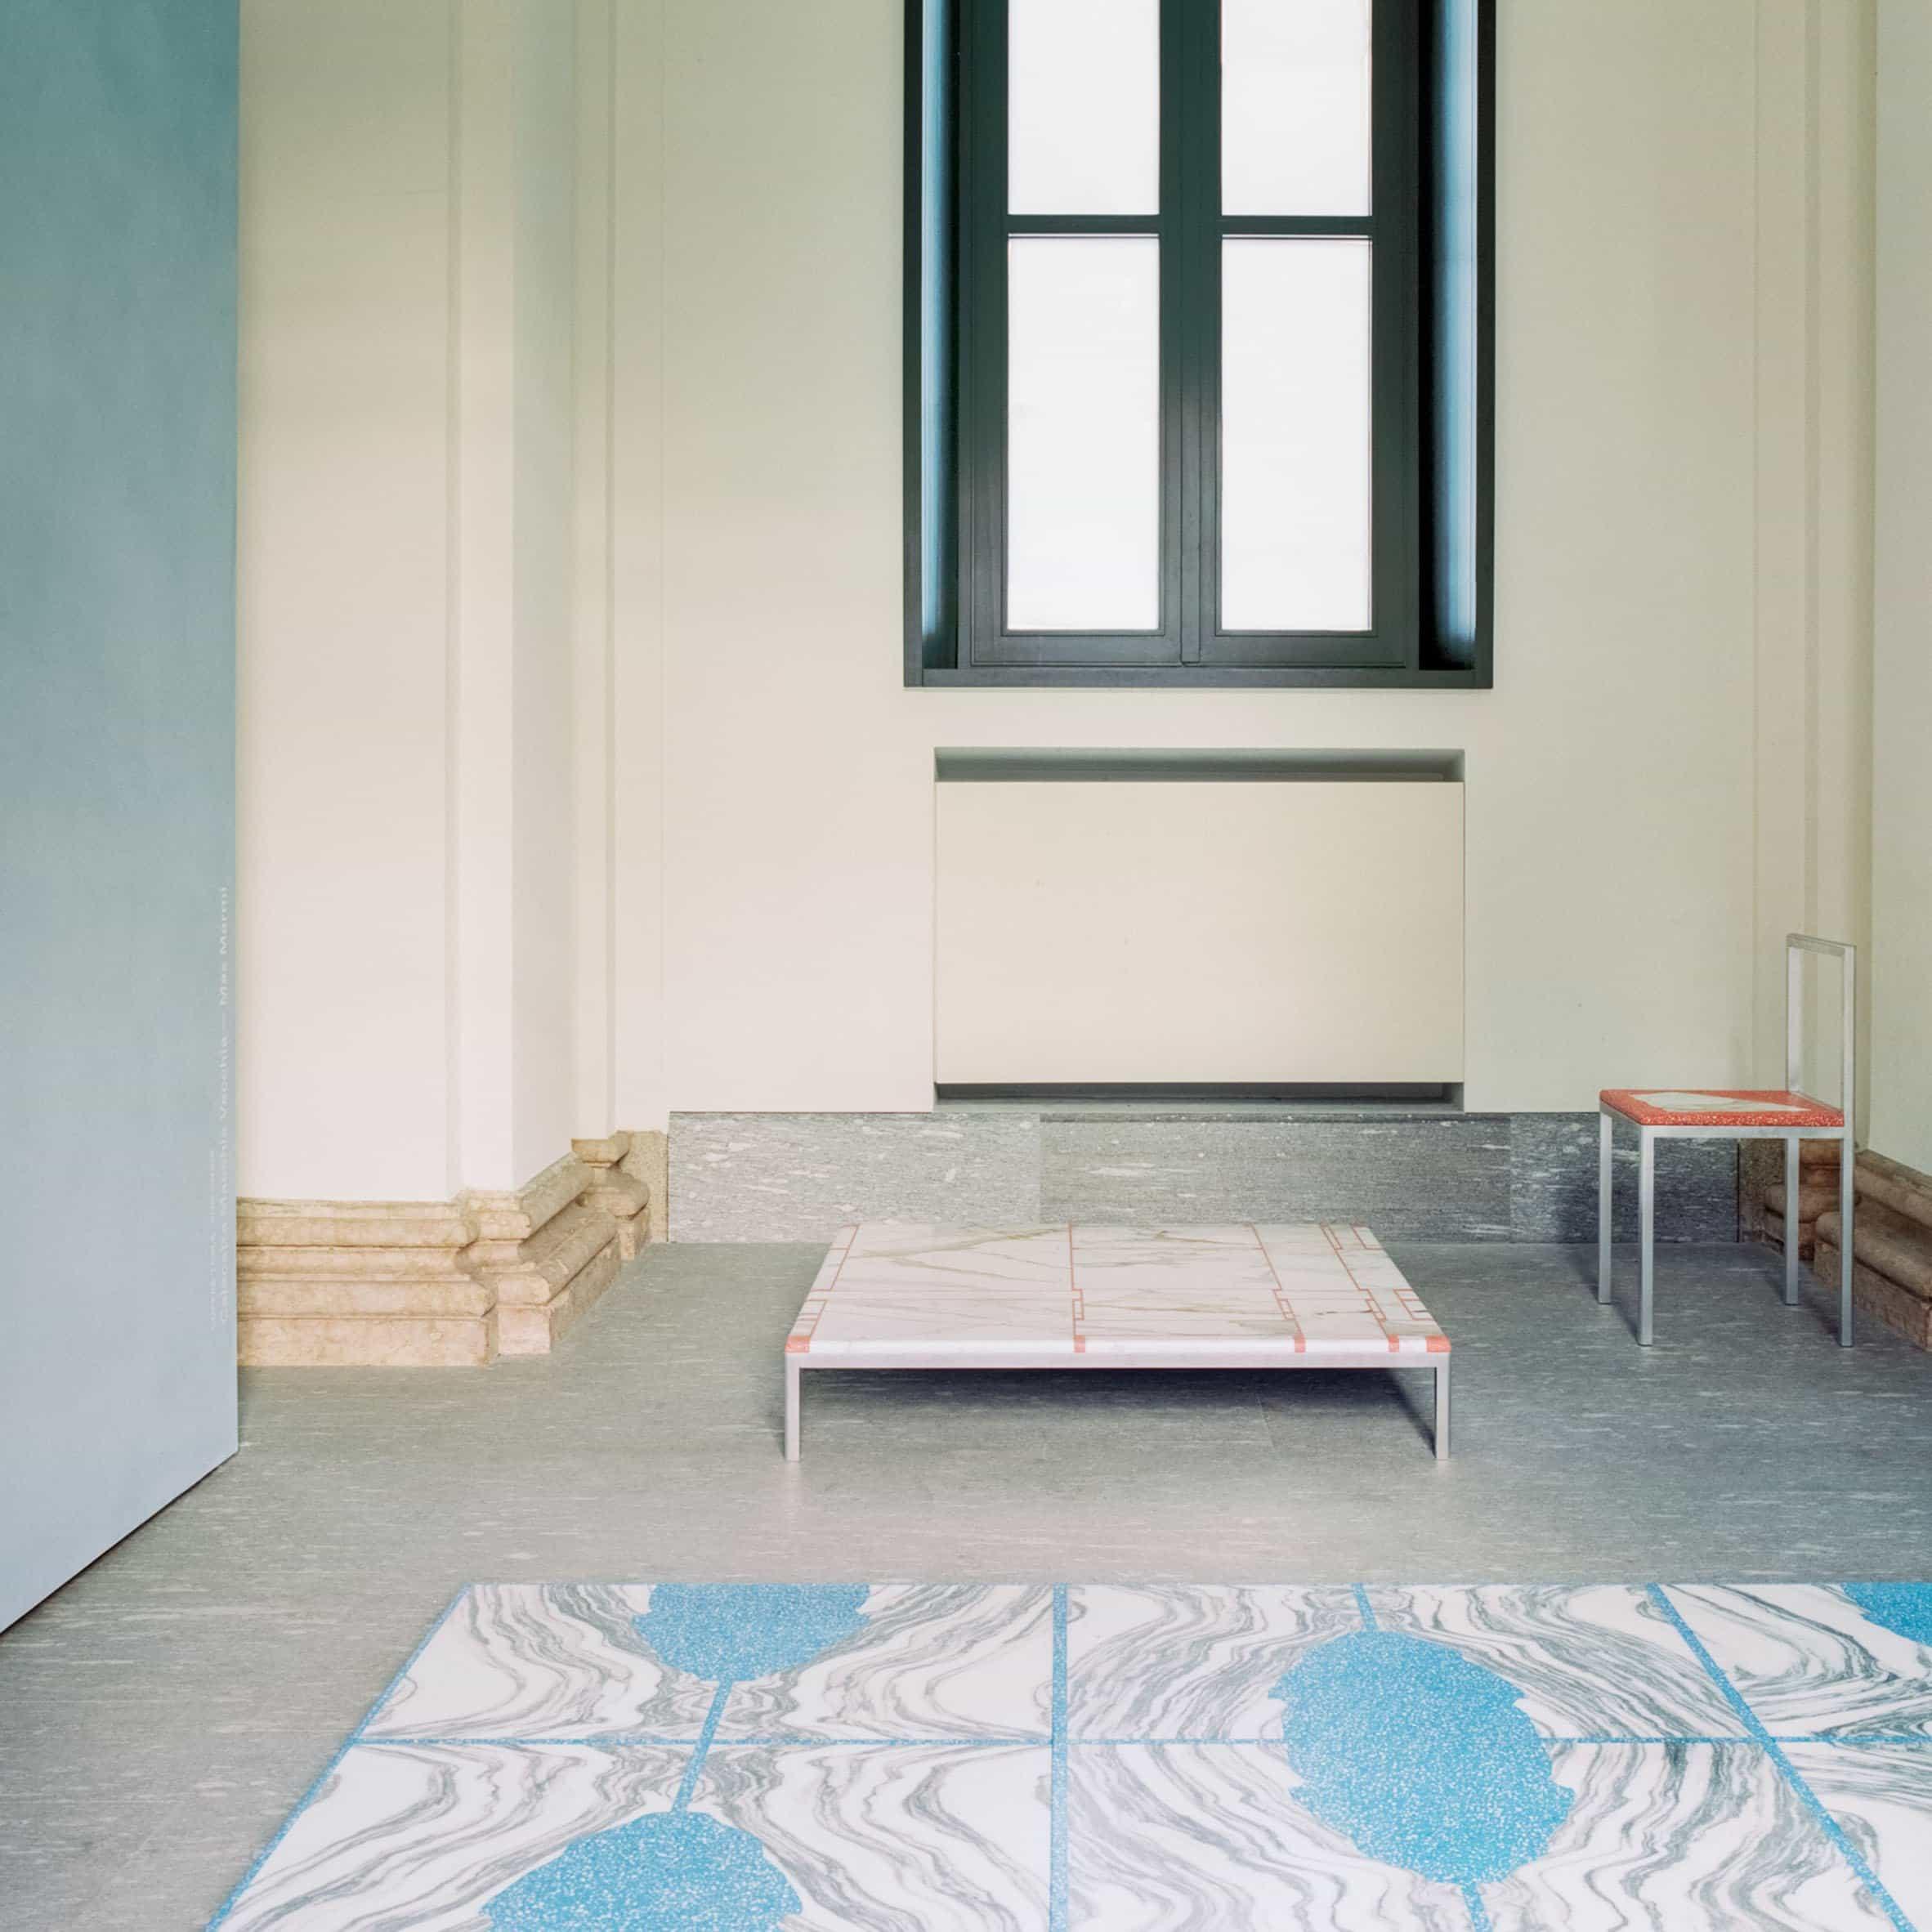 Stefan Scholten enfatiza el lujo del mármol residual con The Stone House